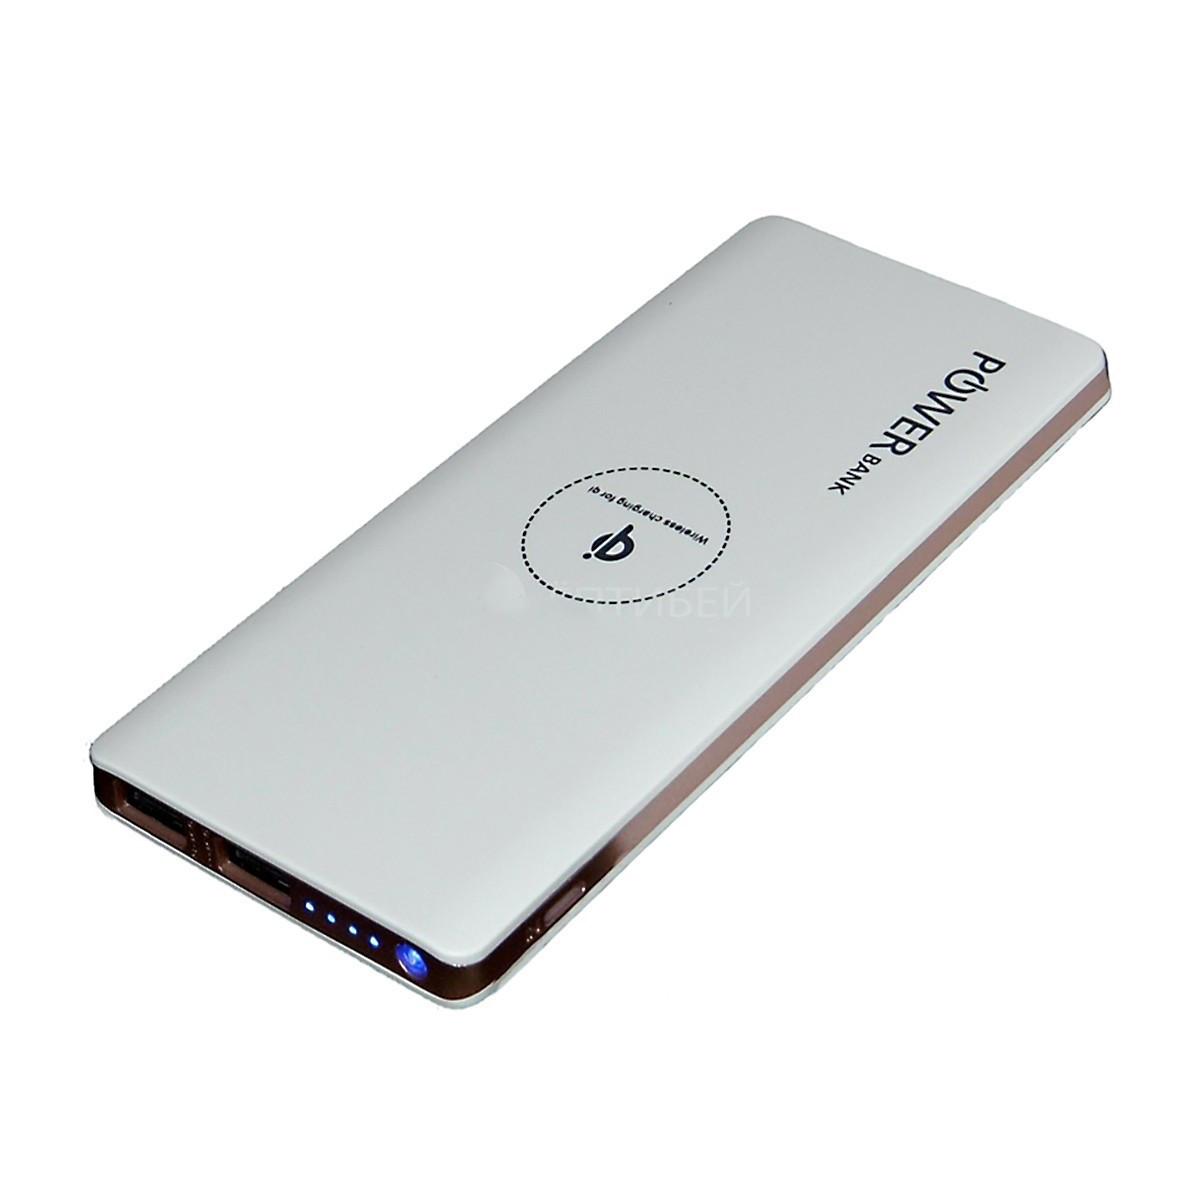 Портативный внешний аккумулятор Qitech Qibank 10000 mAh беспроводная зарядка | повербанк | павербанк белый